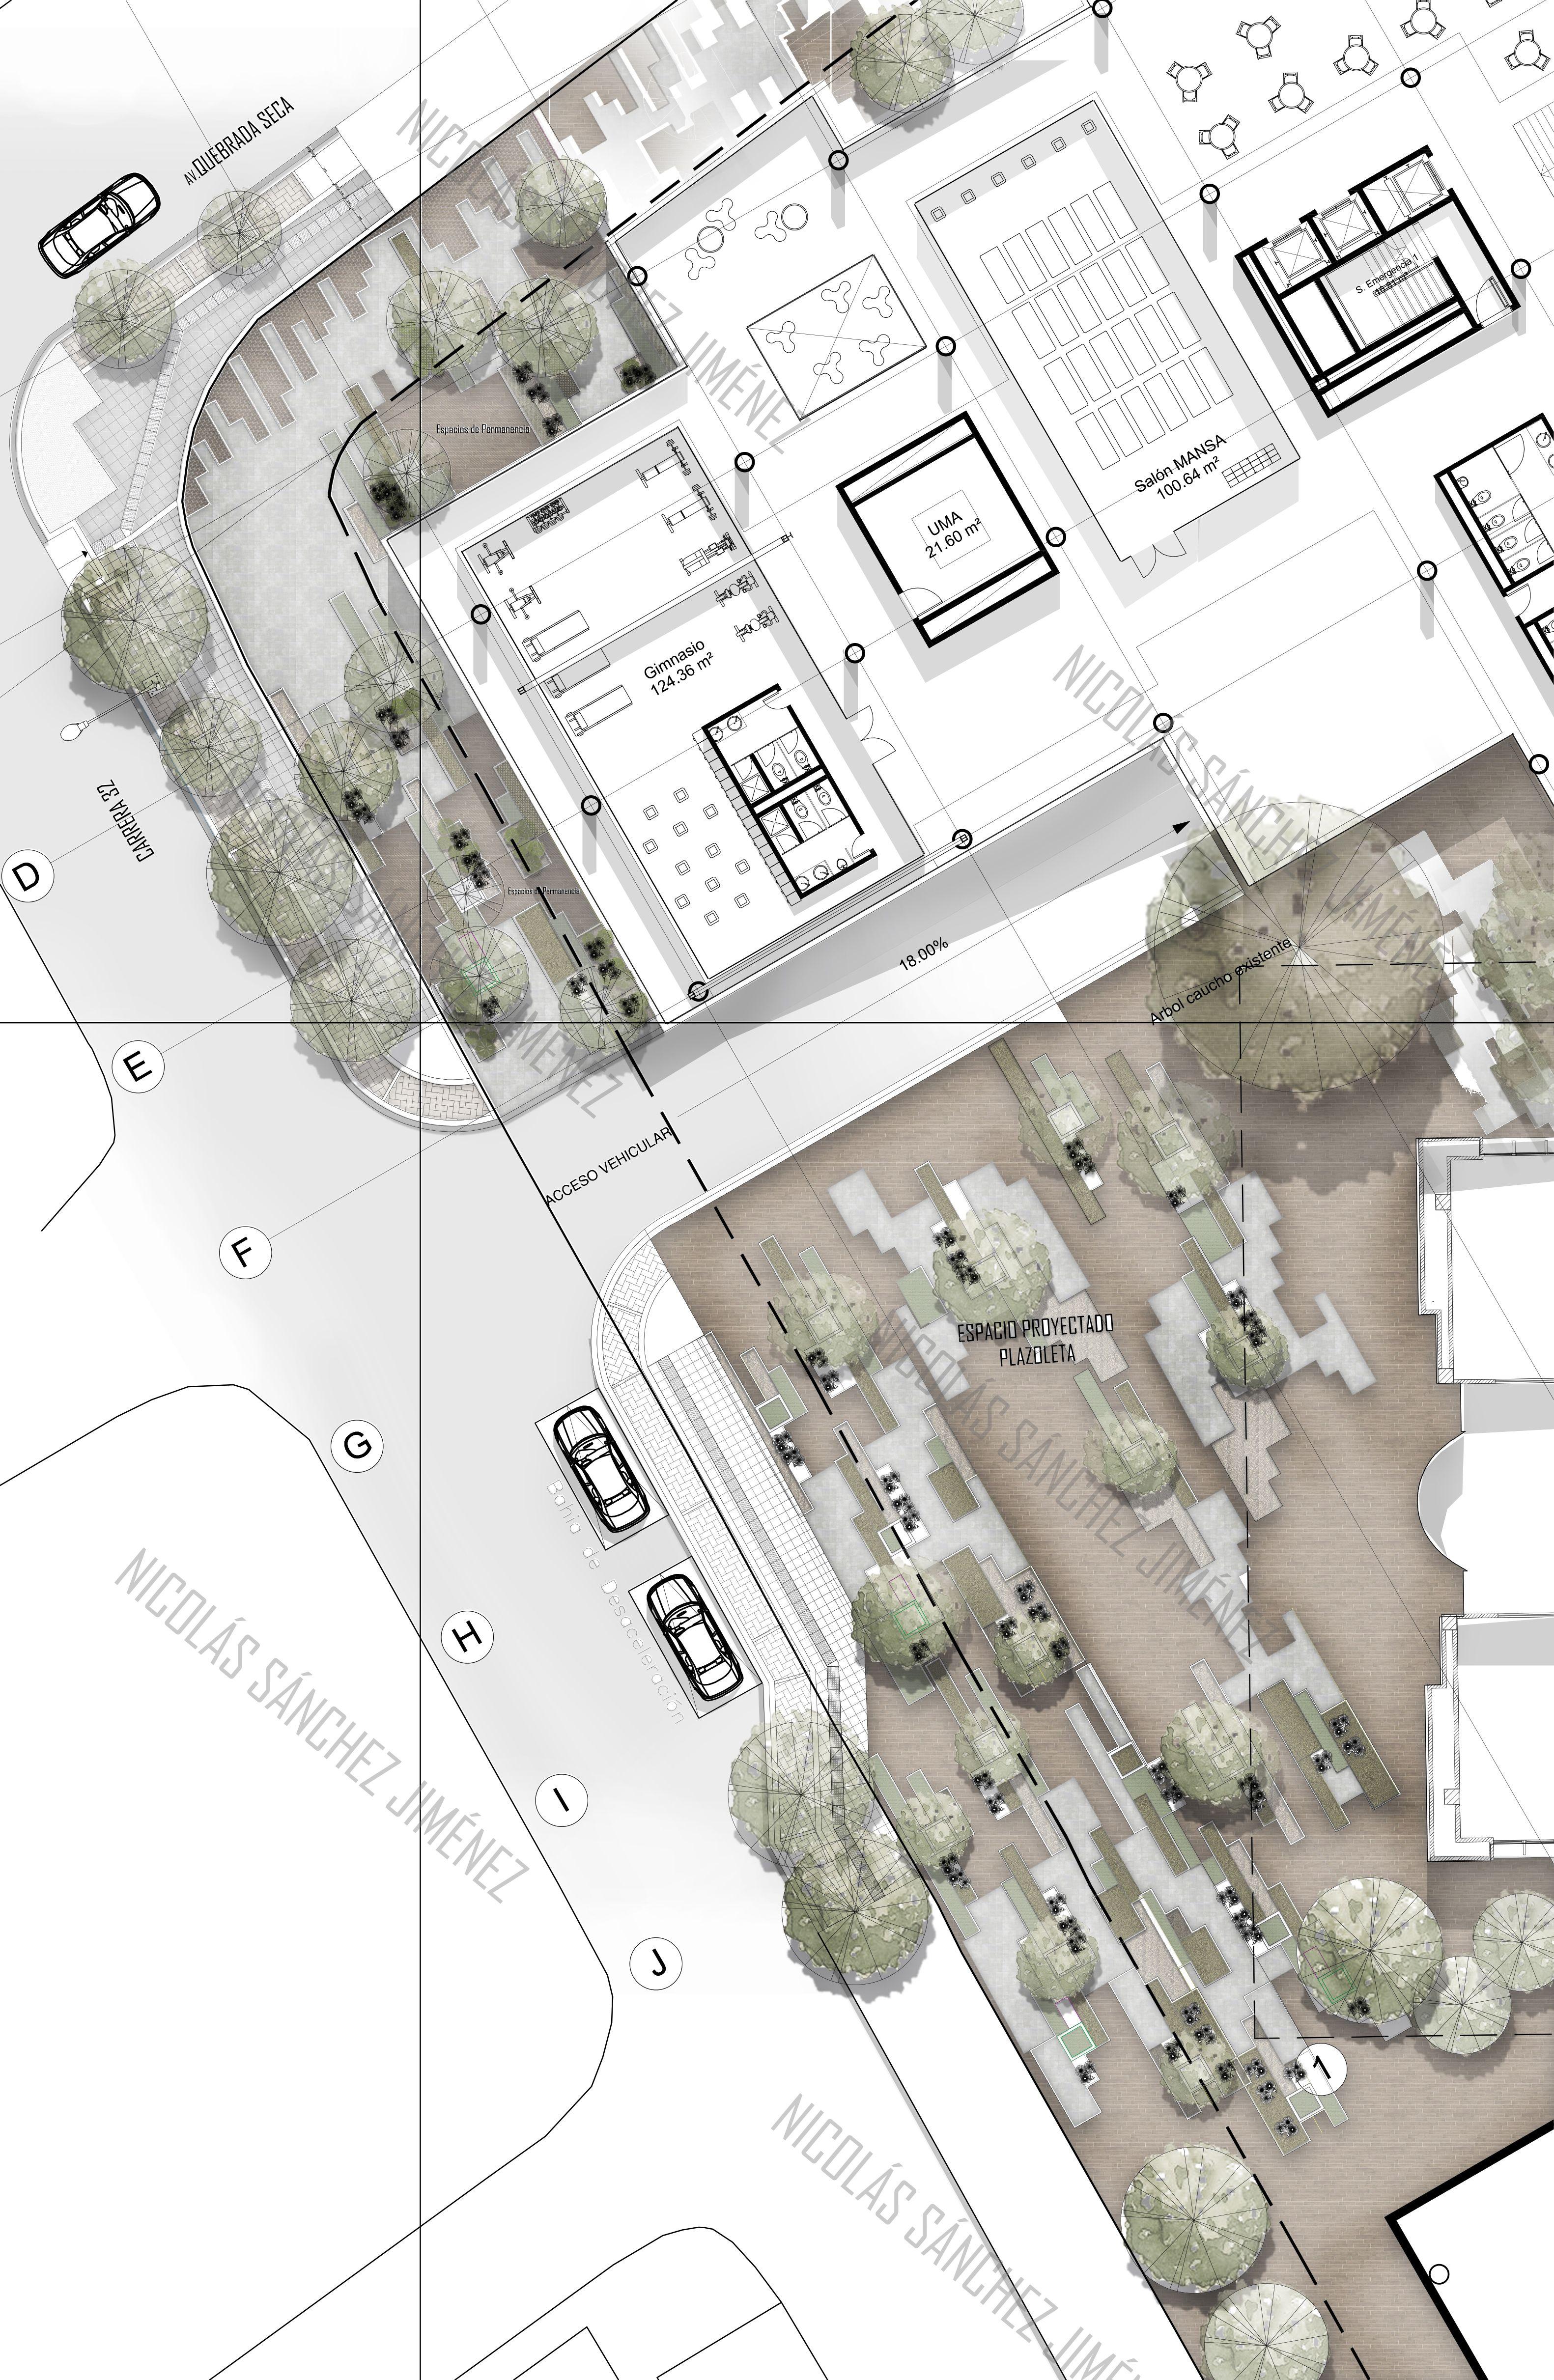 Espacio Publico Inclusion Social Transitar Permanecer Interac Tarjeta De Presentacion Arquitectura Diagramas De Arquitectura Ilustraciones De Arquitectura